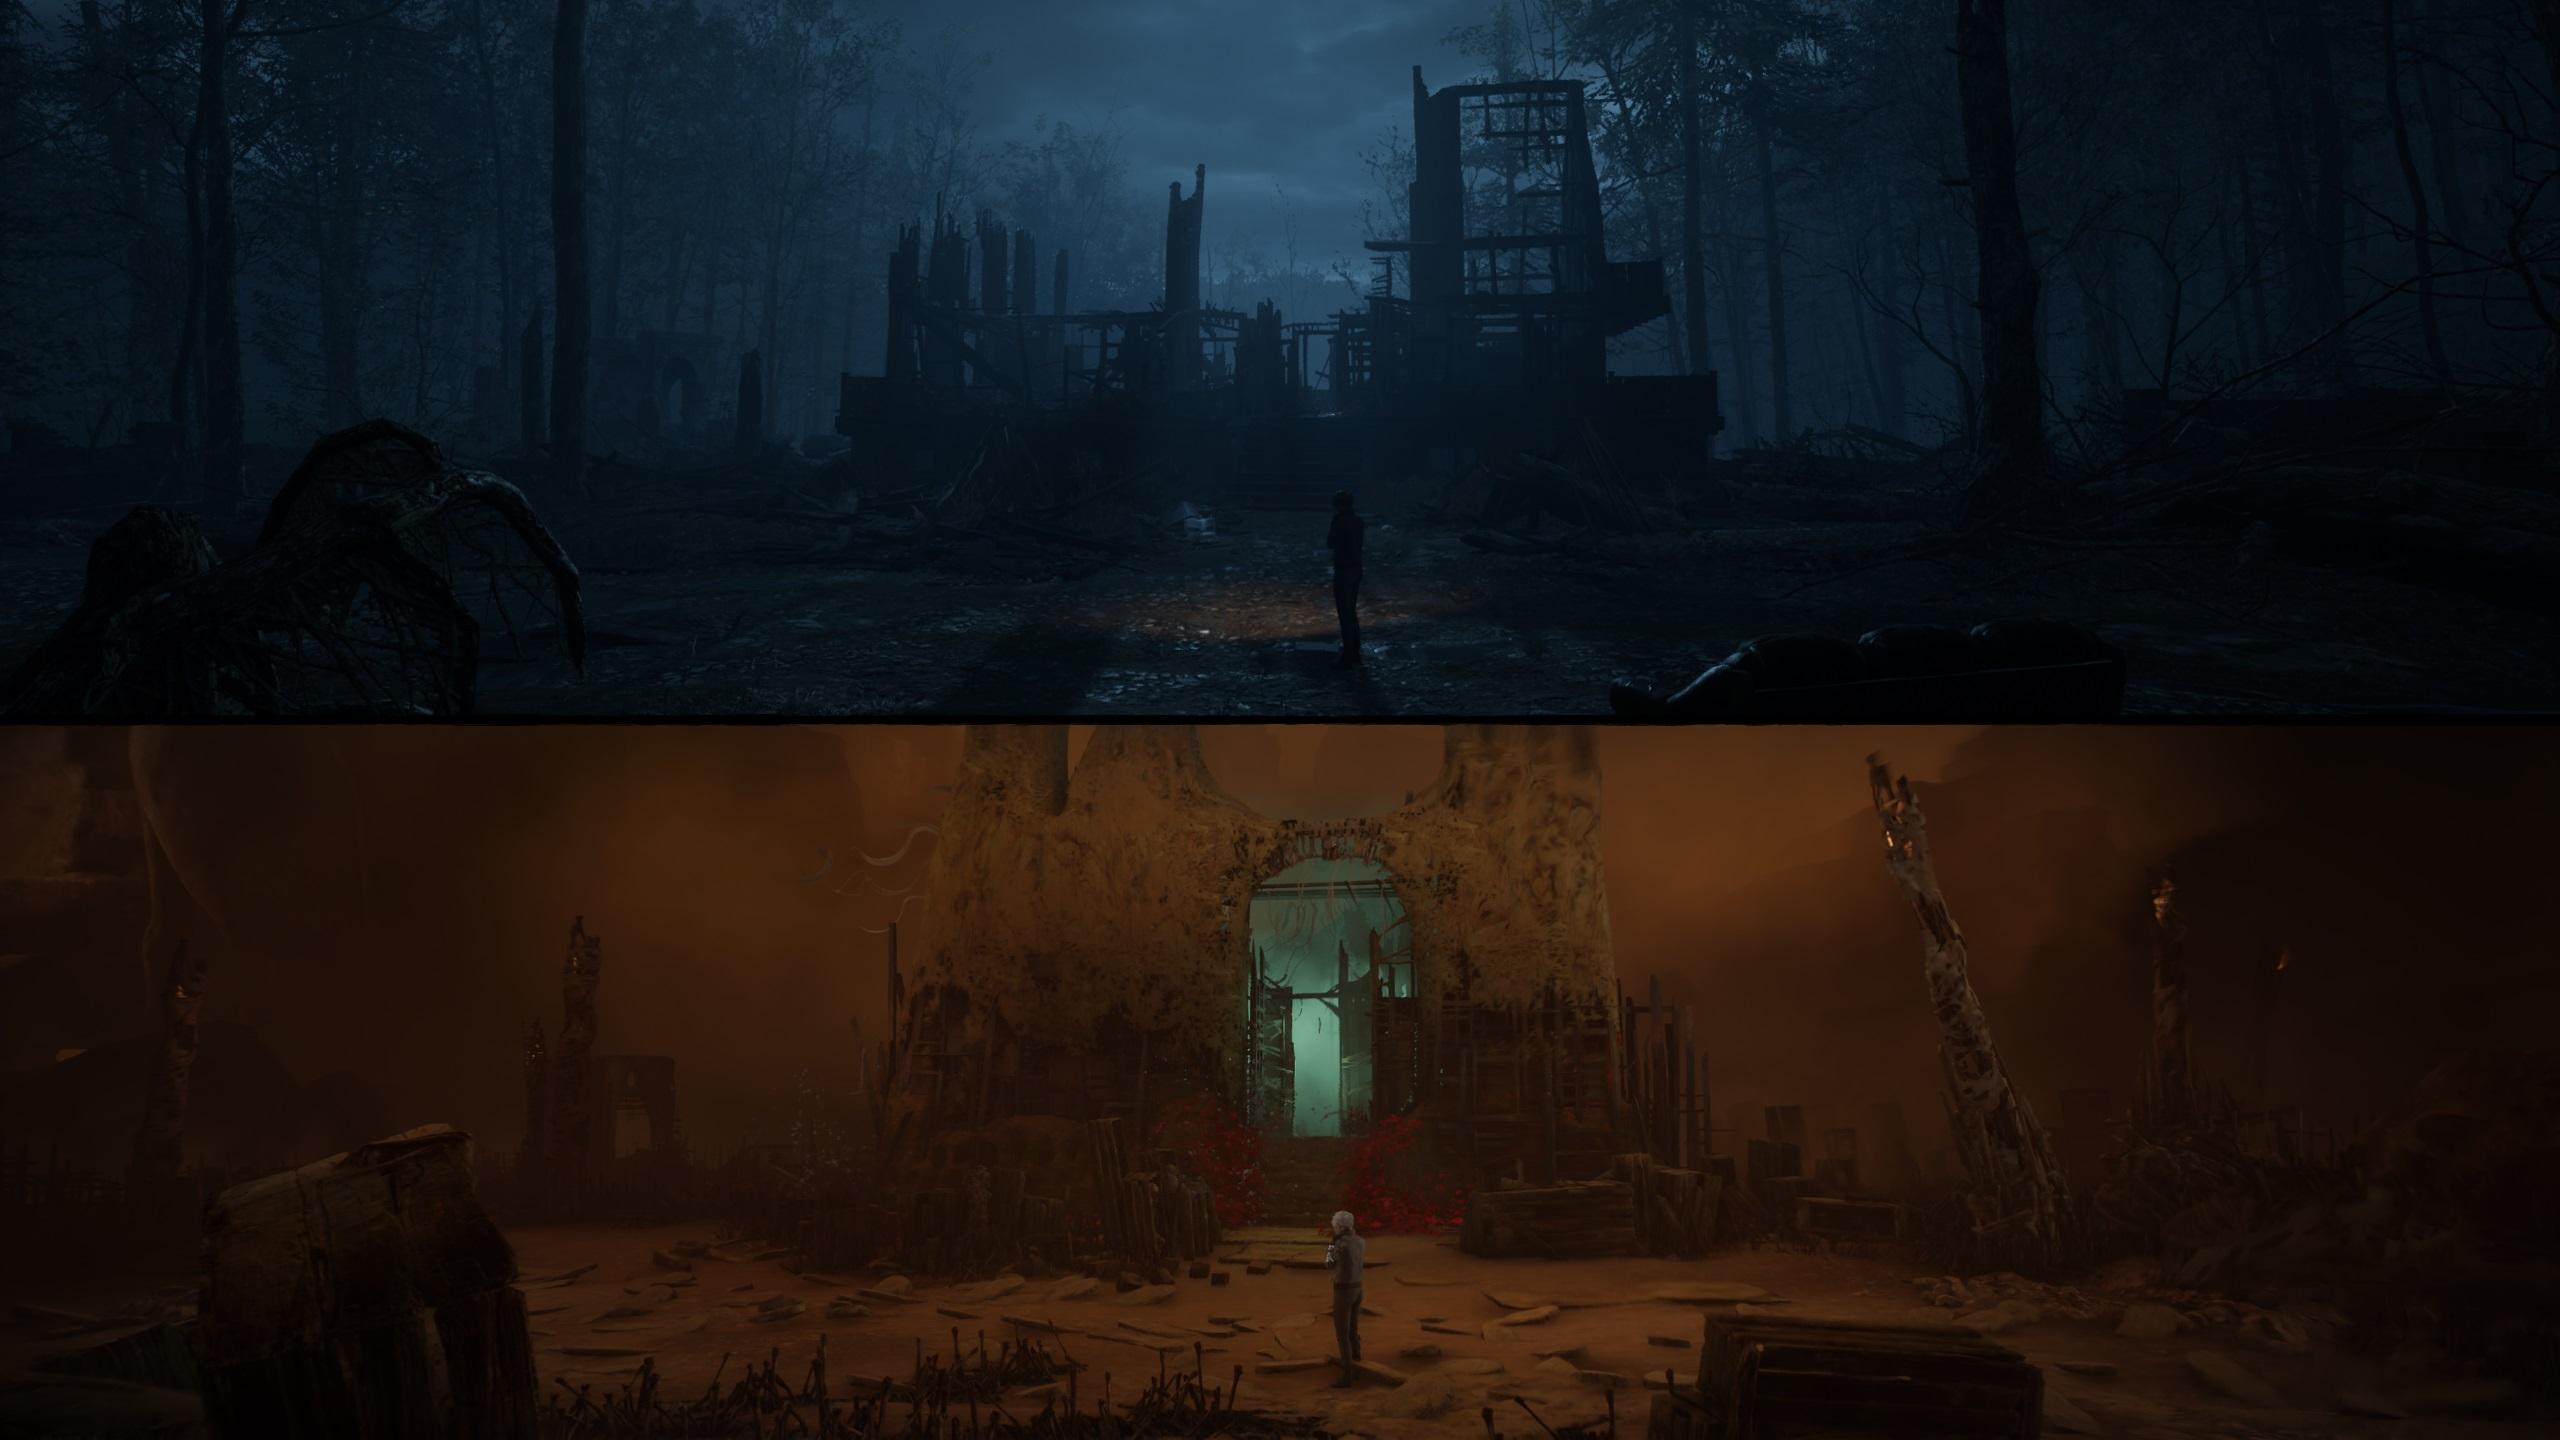 The Medium haunted hotel